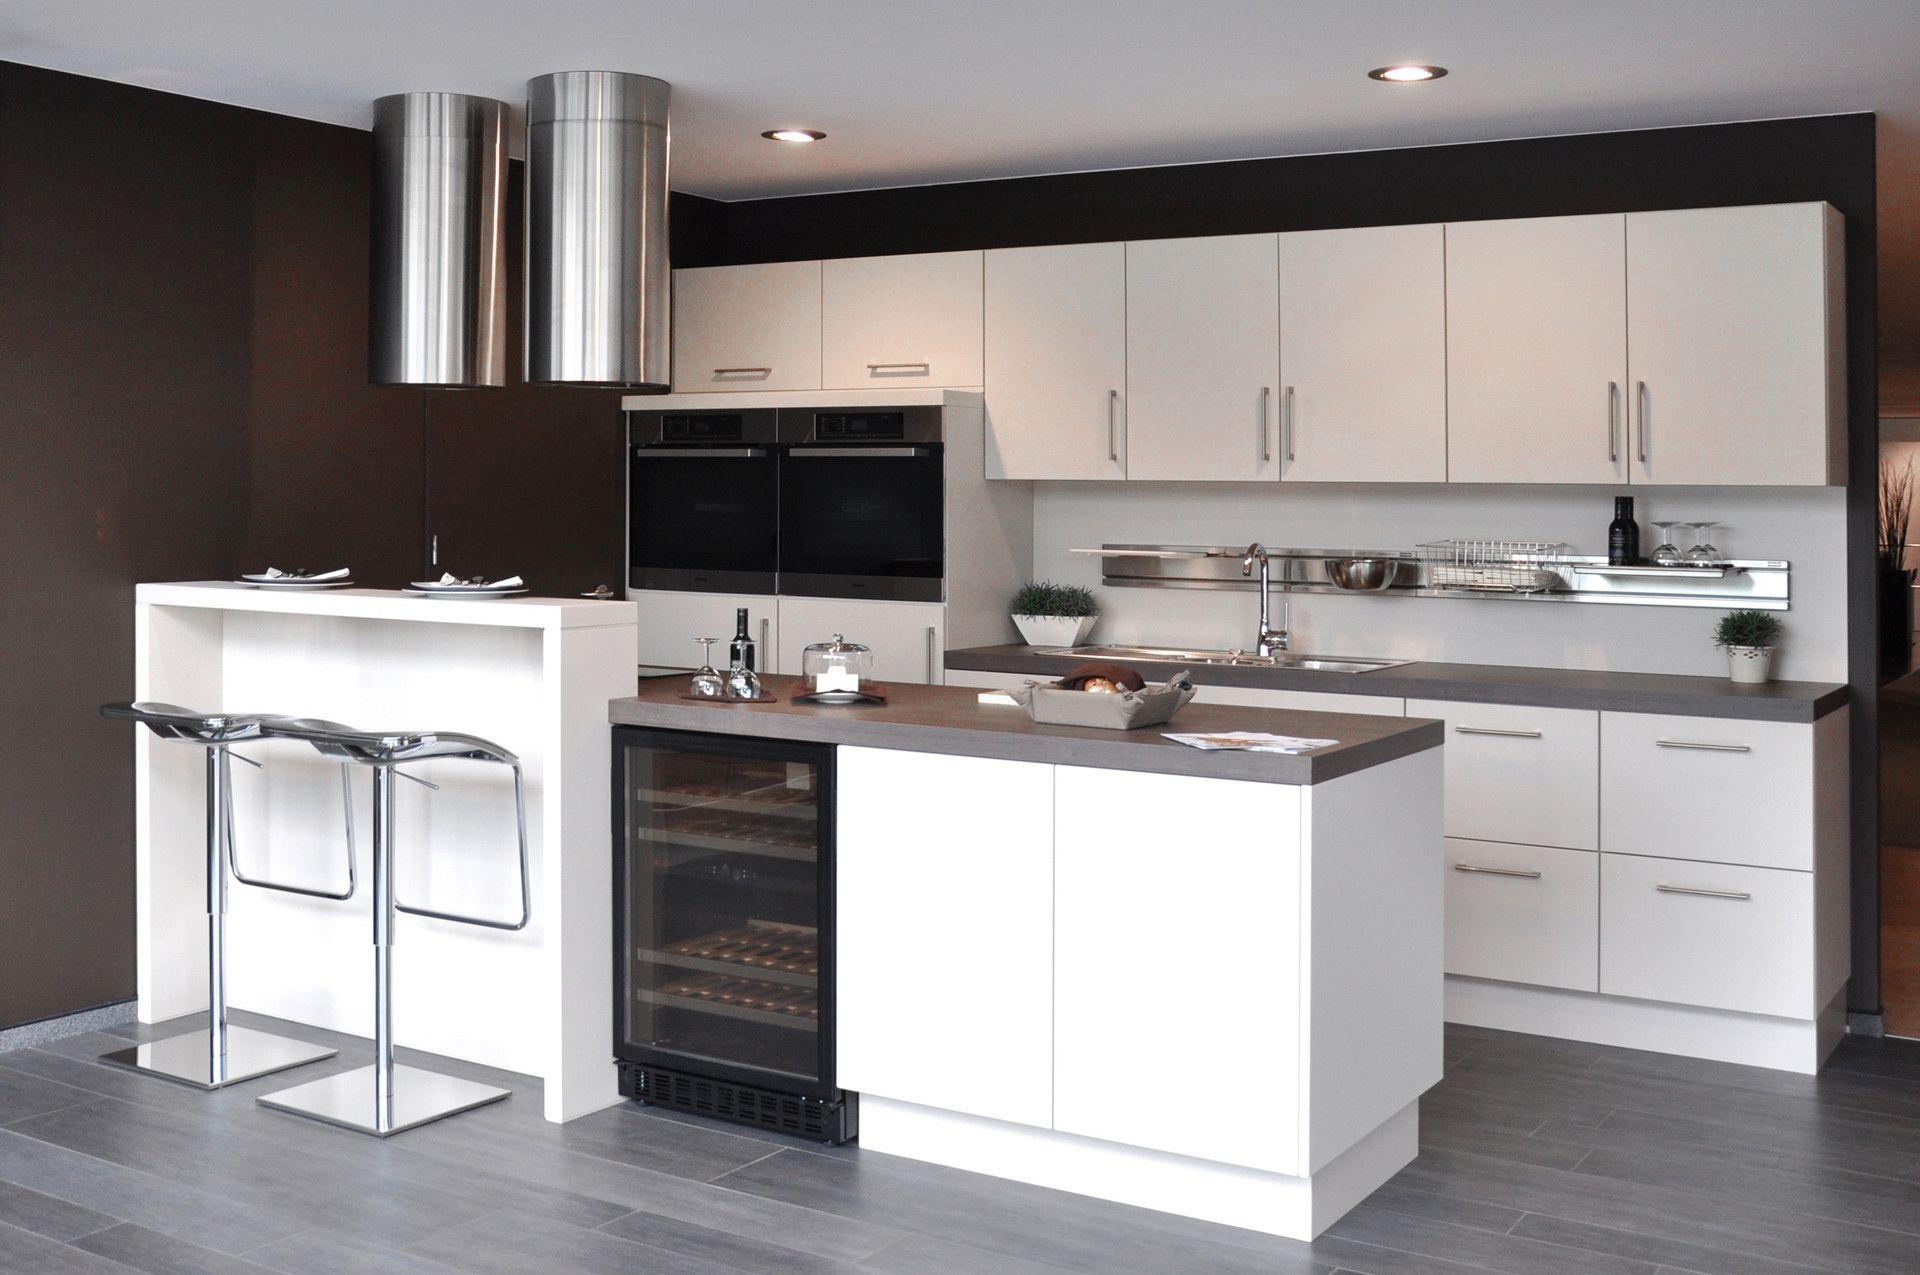 Keukens dovy een keuken om in te leven keukens op maat van moderne keukens over een - Keuken amenagee et equipee ...